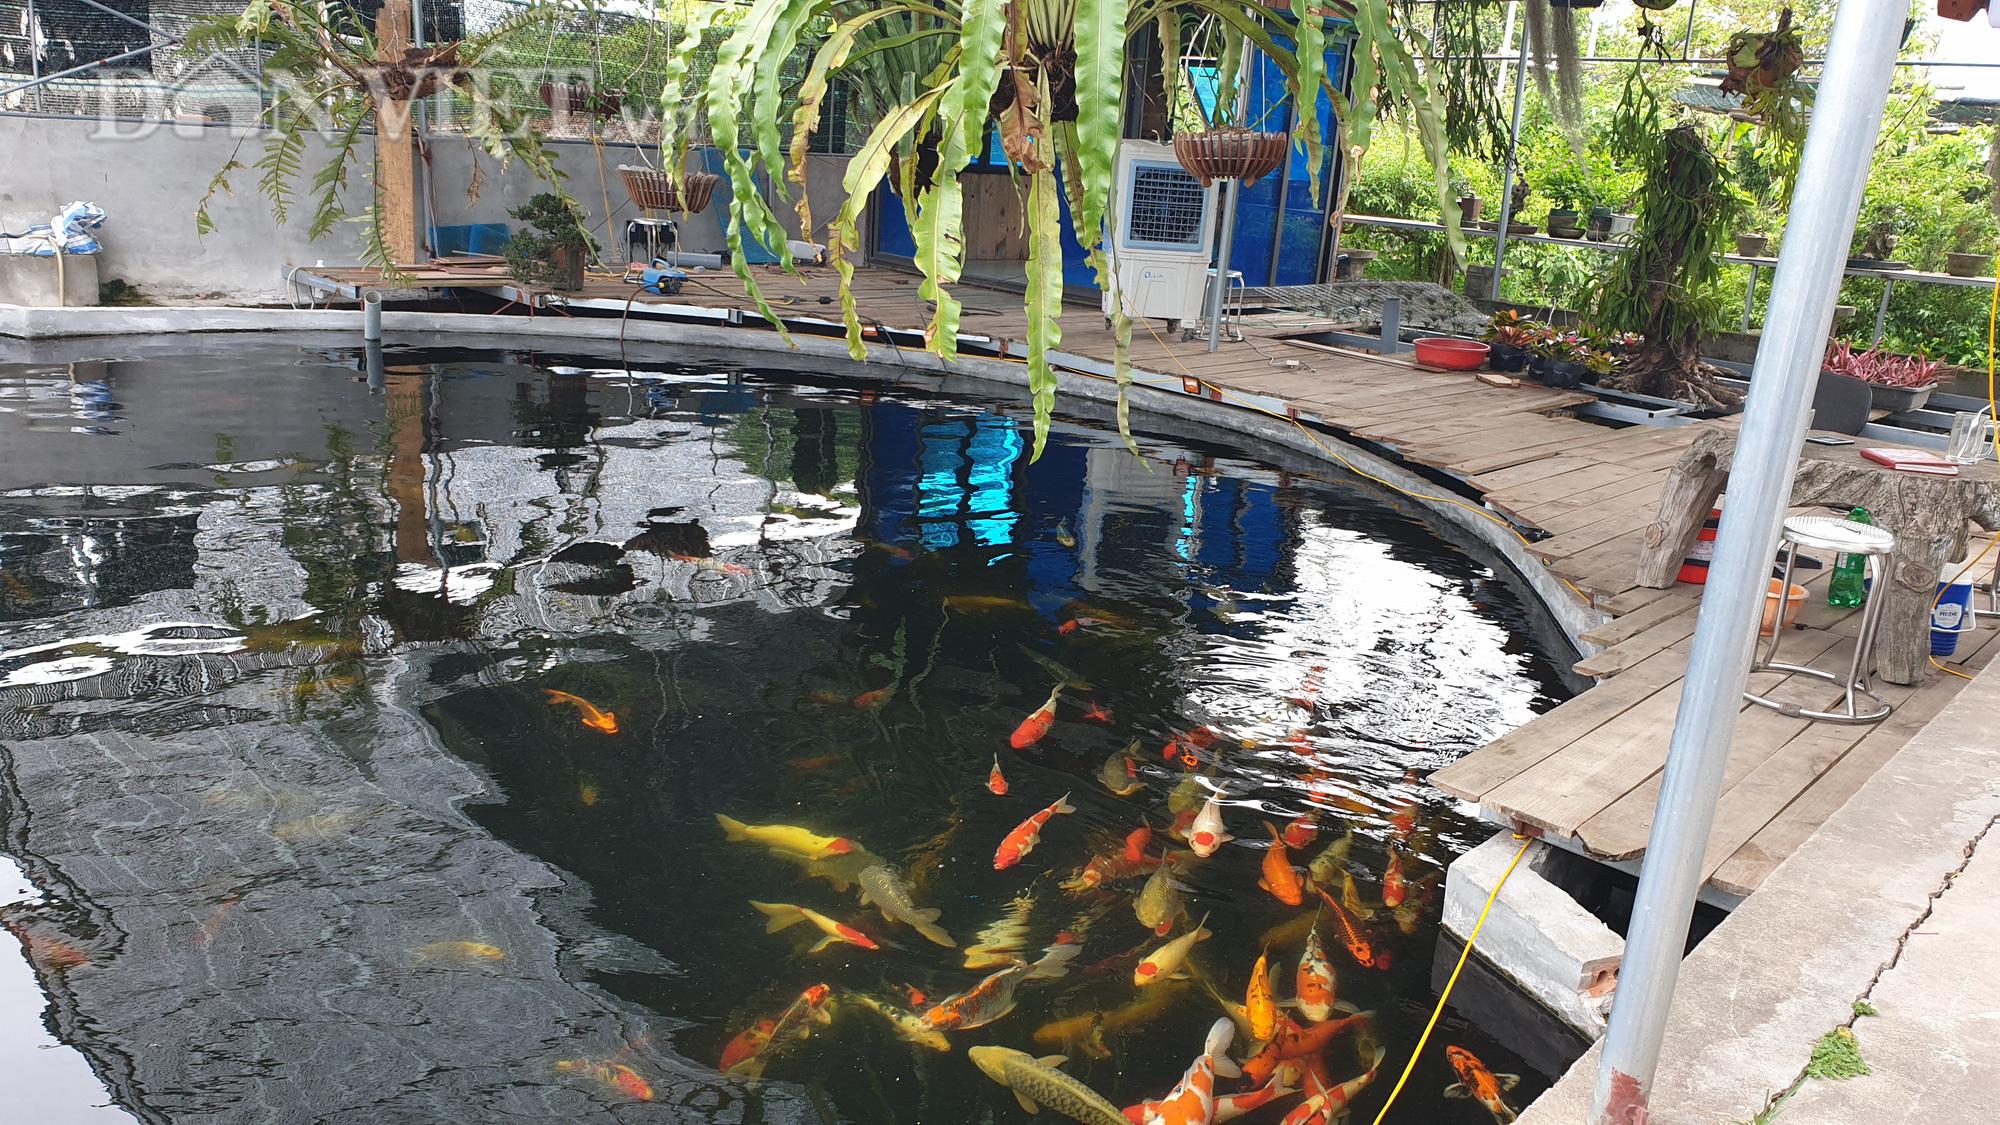 Hoa mắt ngắm đàn cá Koi tiền tỷ, con đắt nhất có giá vài nghìn đô